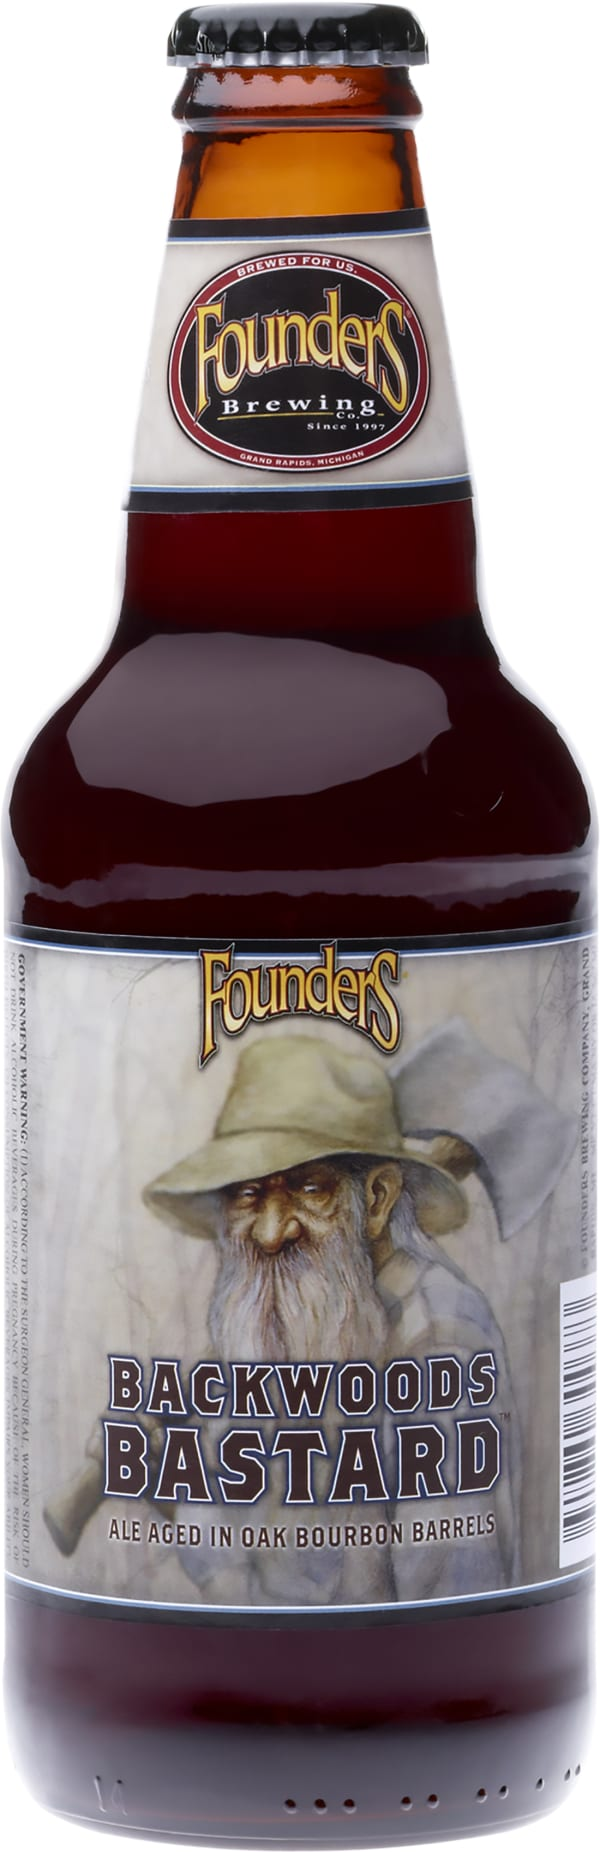 Founders Backwoods Bastard